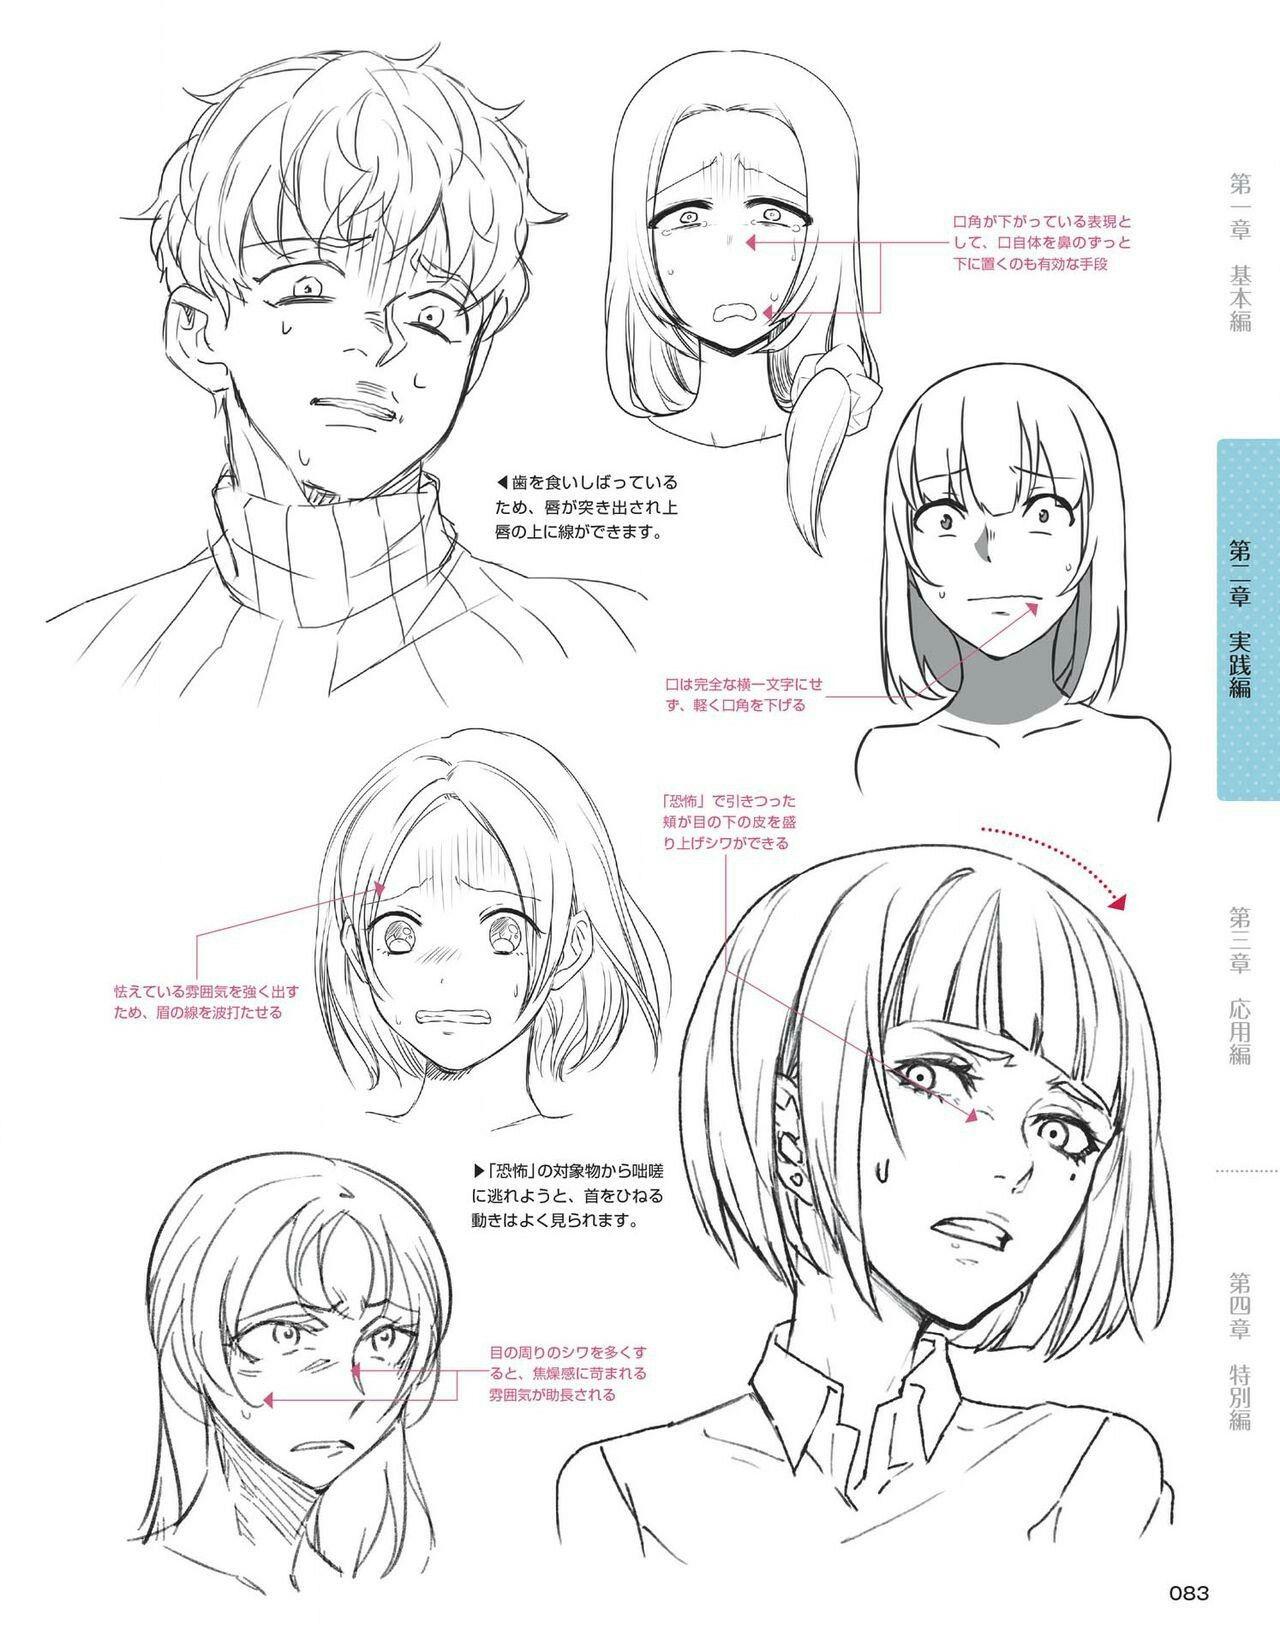 Pin by Vivian Pan on 教程 Facial expressions drawing